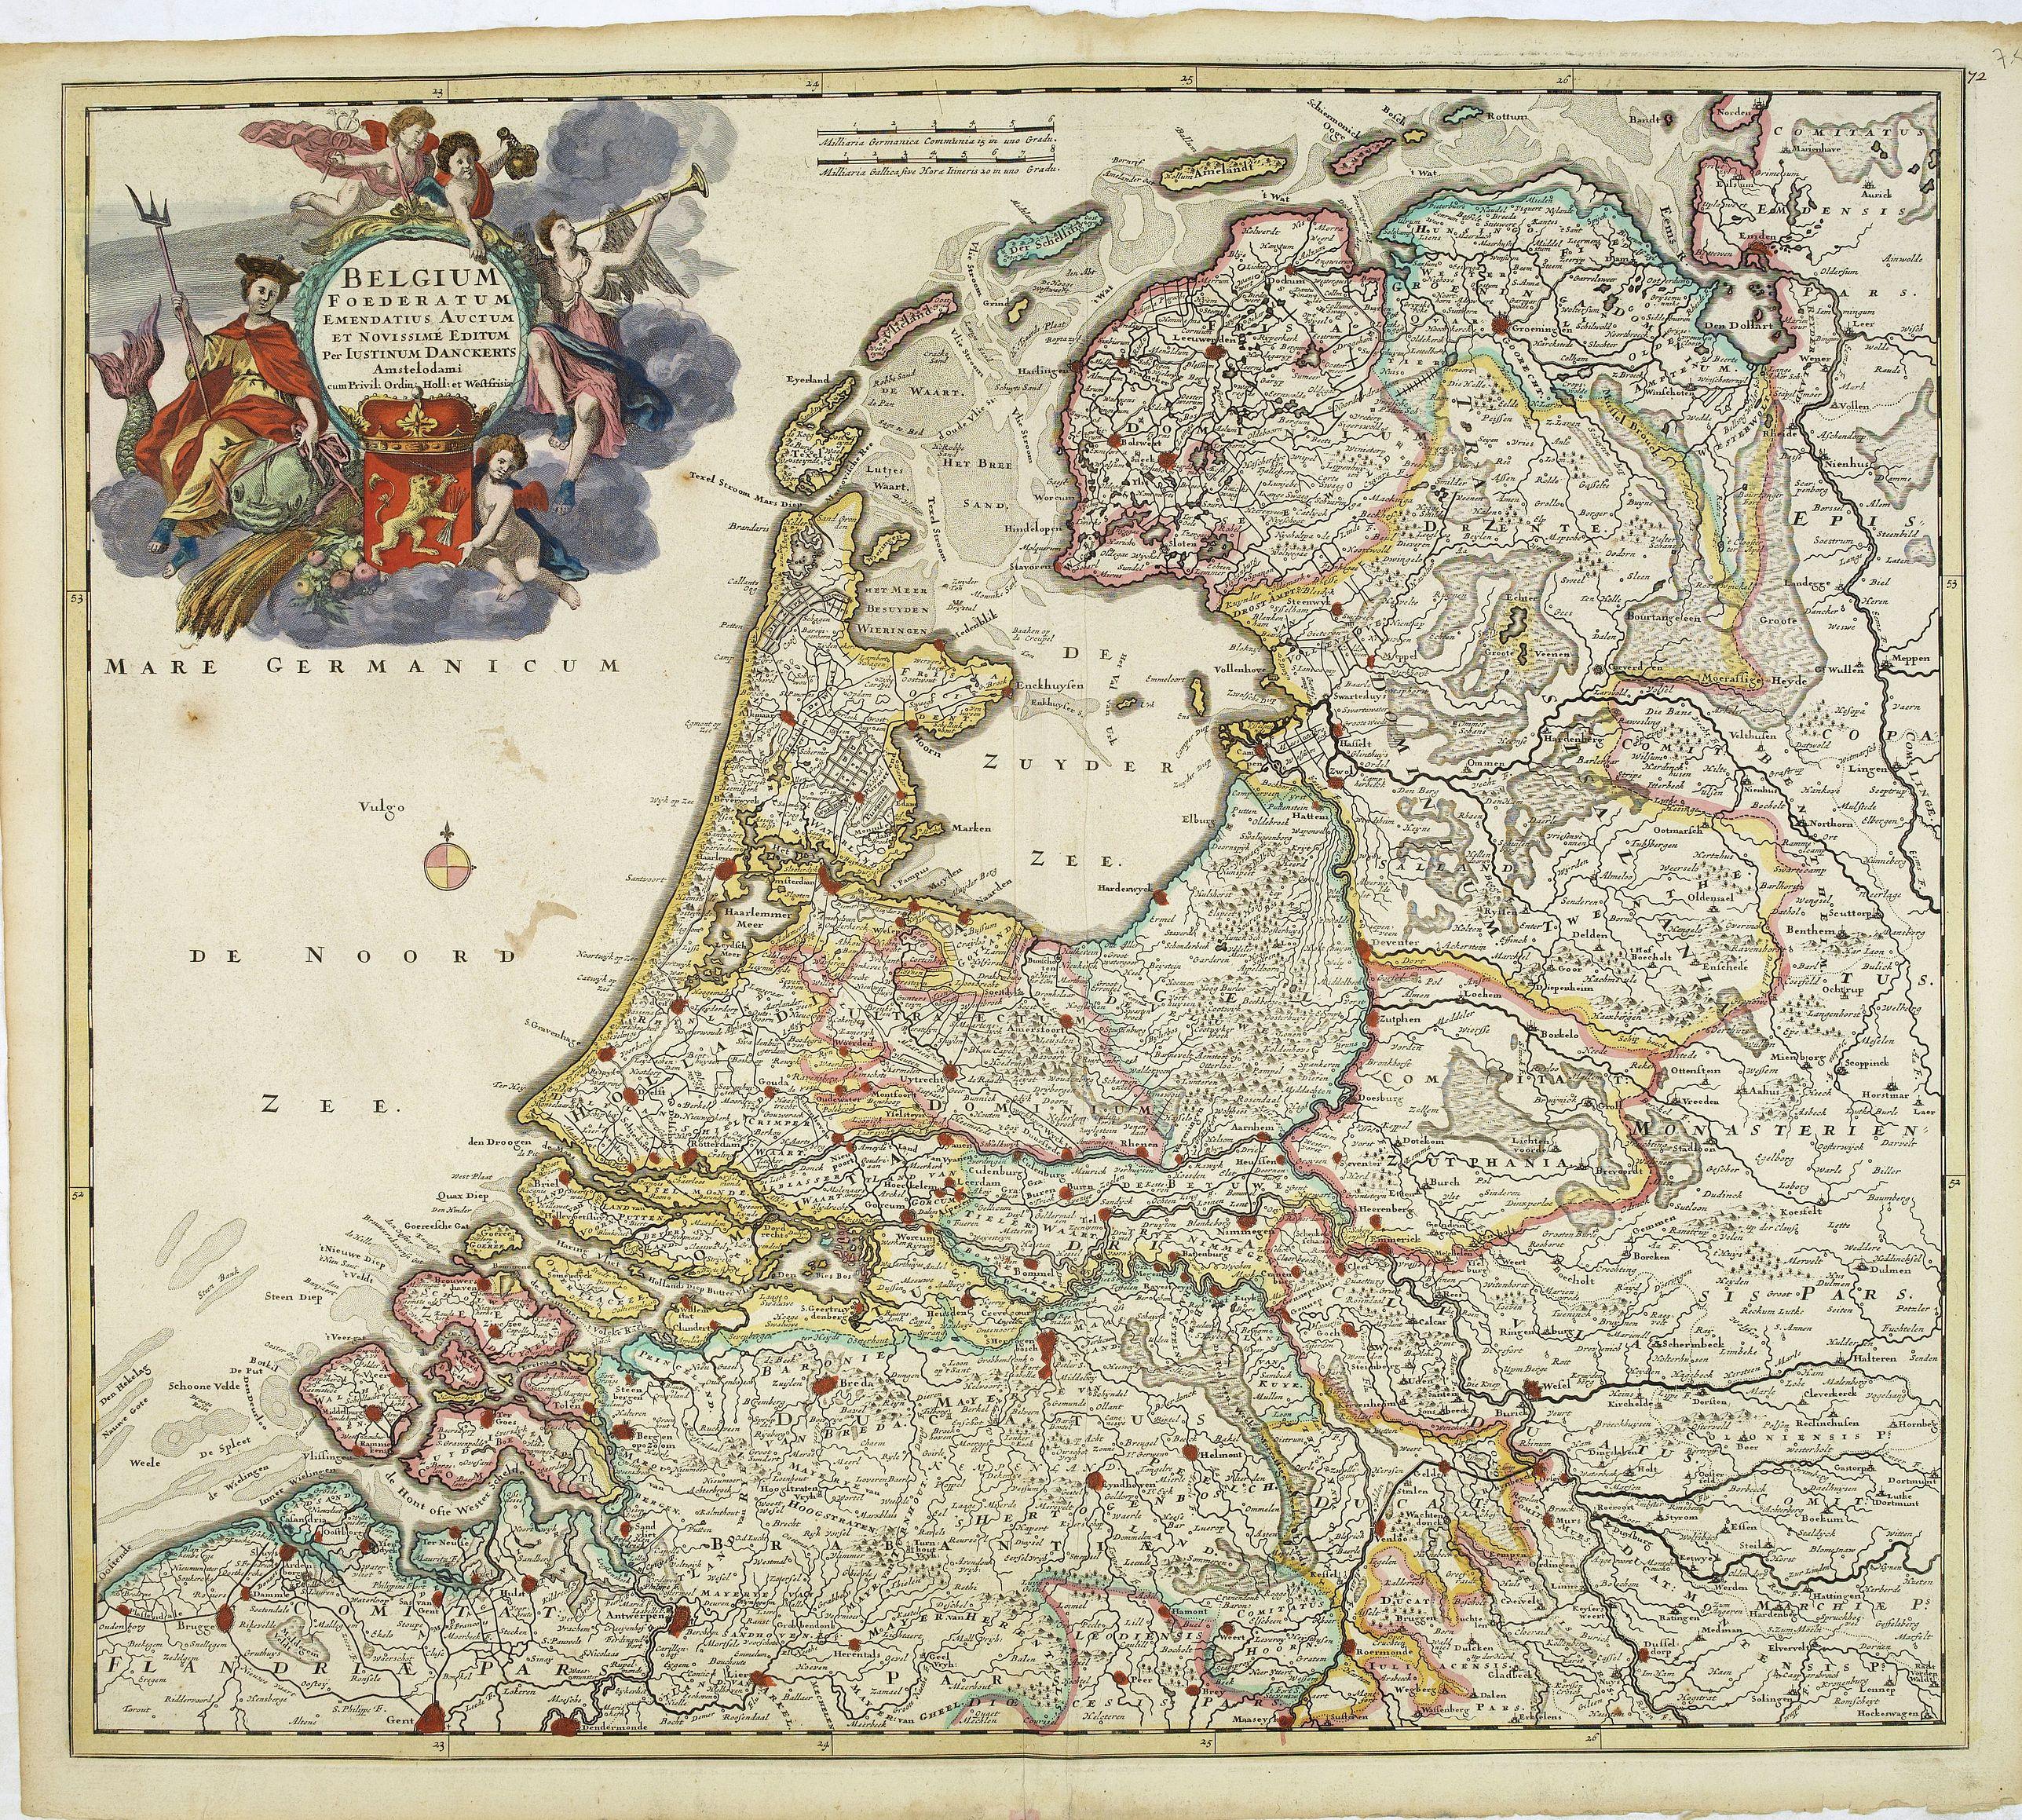 DANCKERTS, J. -  Belgium foederatum emendatius auctum. . .